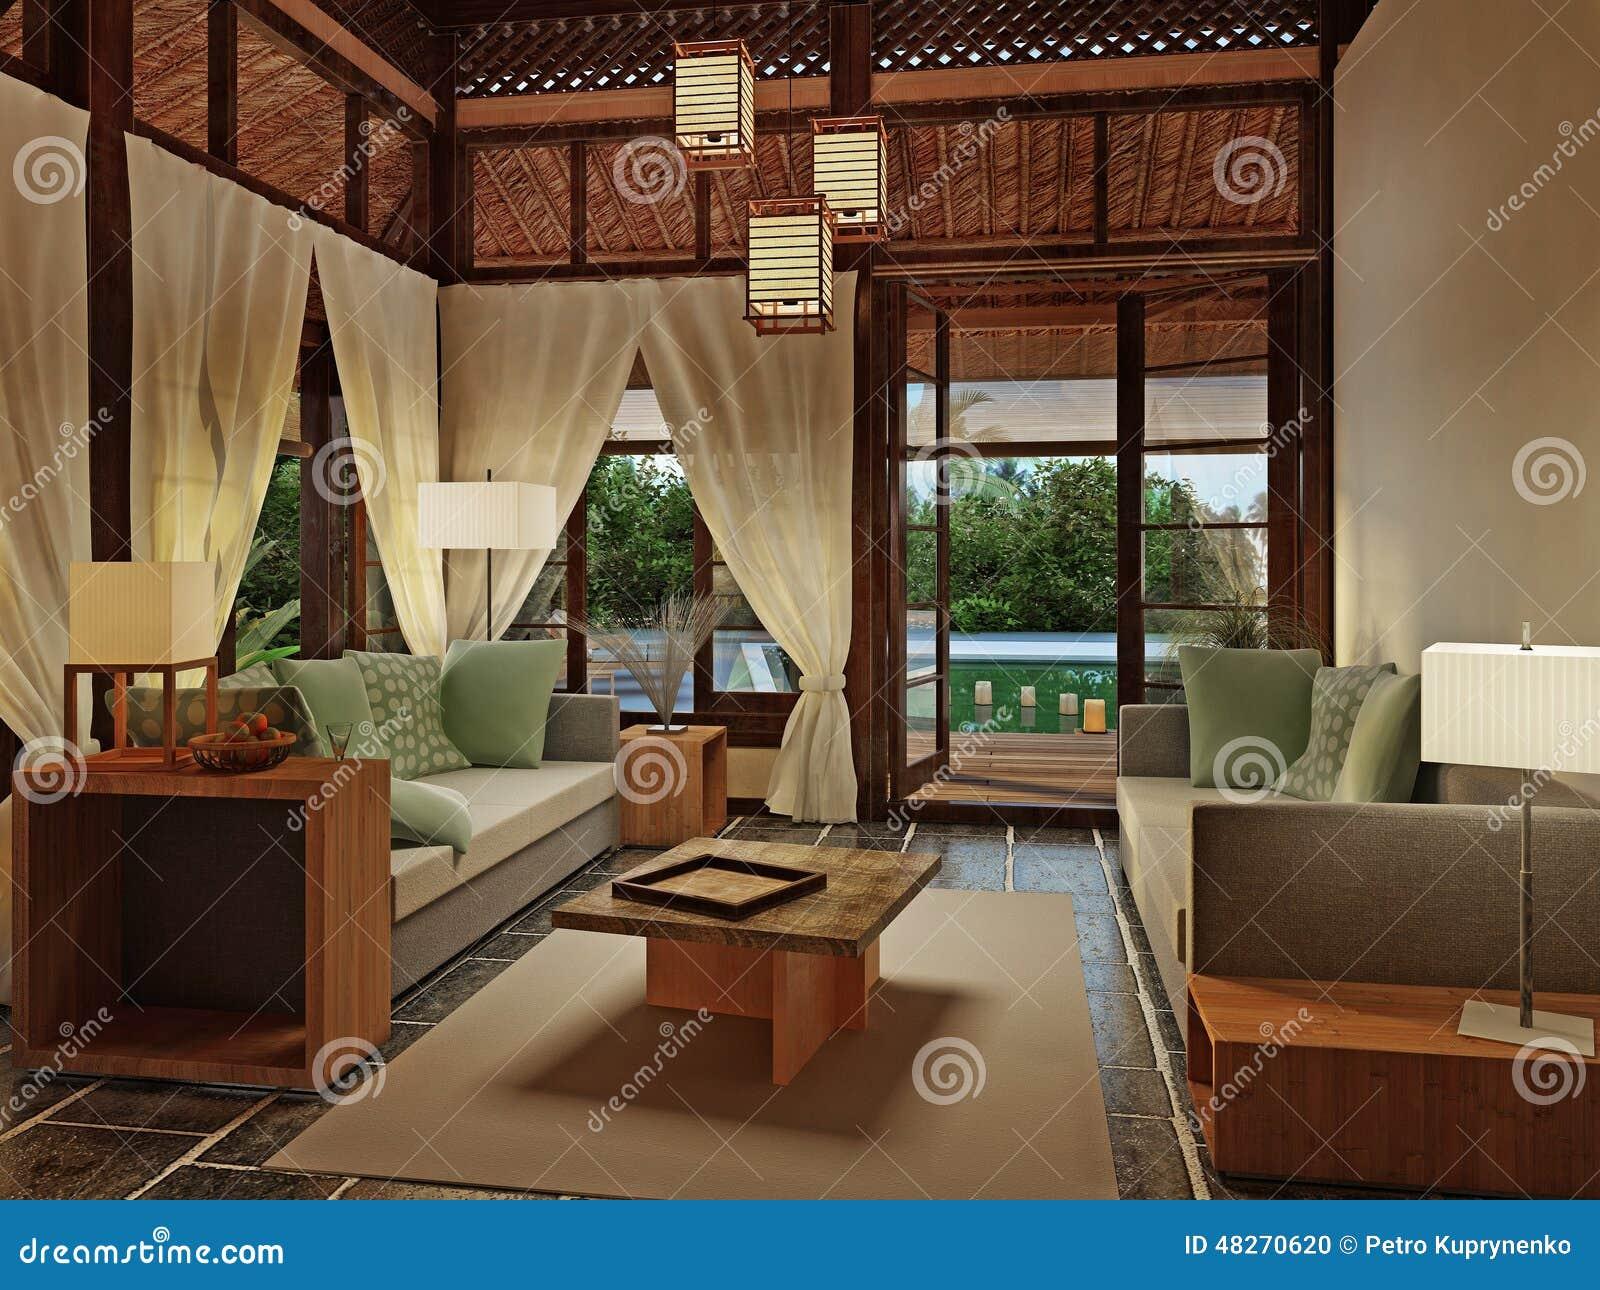 Diseño Interior De La Casa De Planta Baja. Café, Tela.